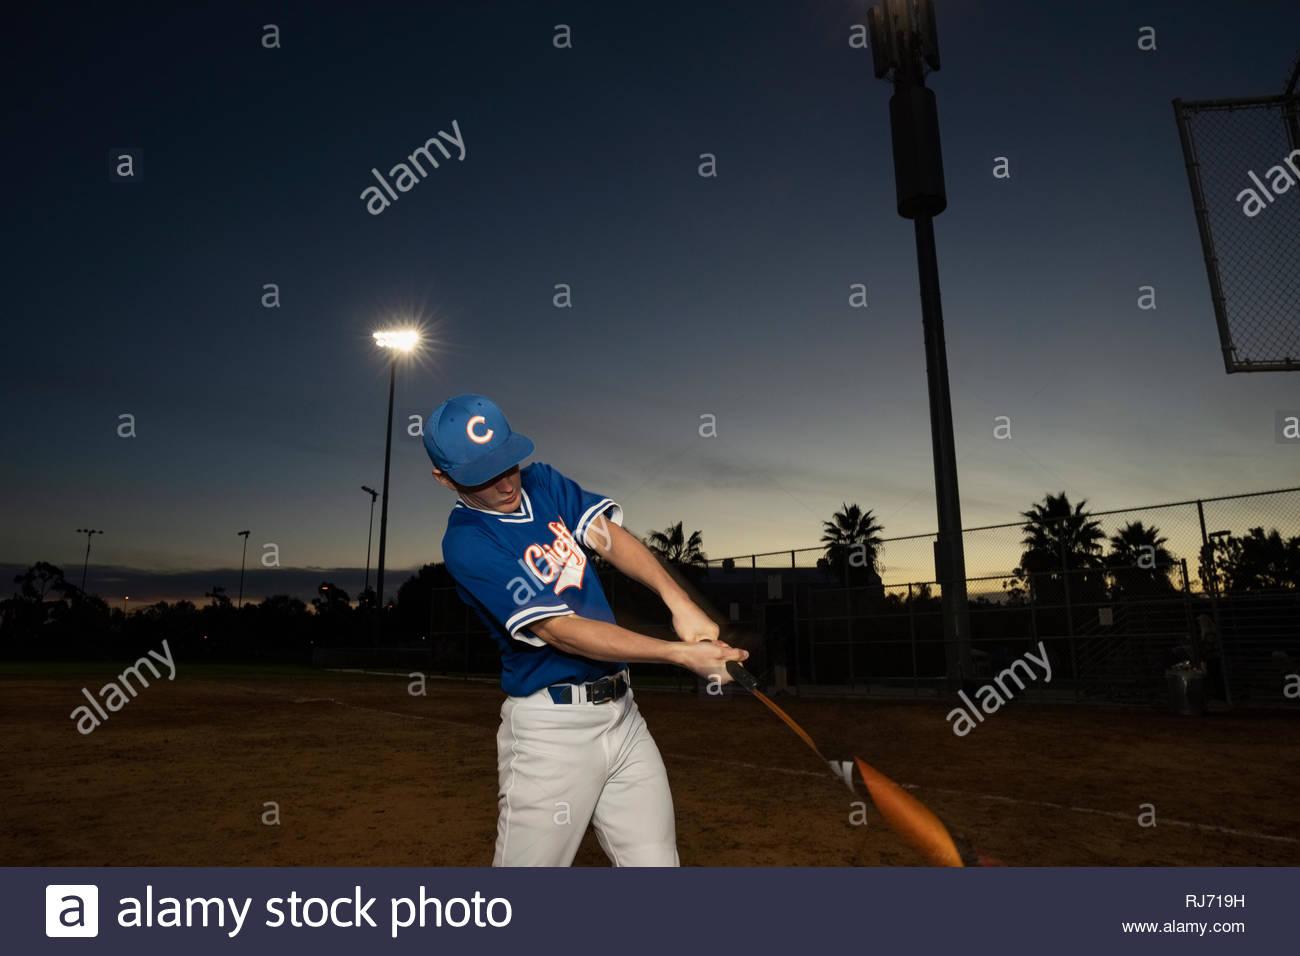 Joueur de baseball bat avec swing pratique sur terrain de nuit Photo Stock